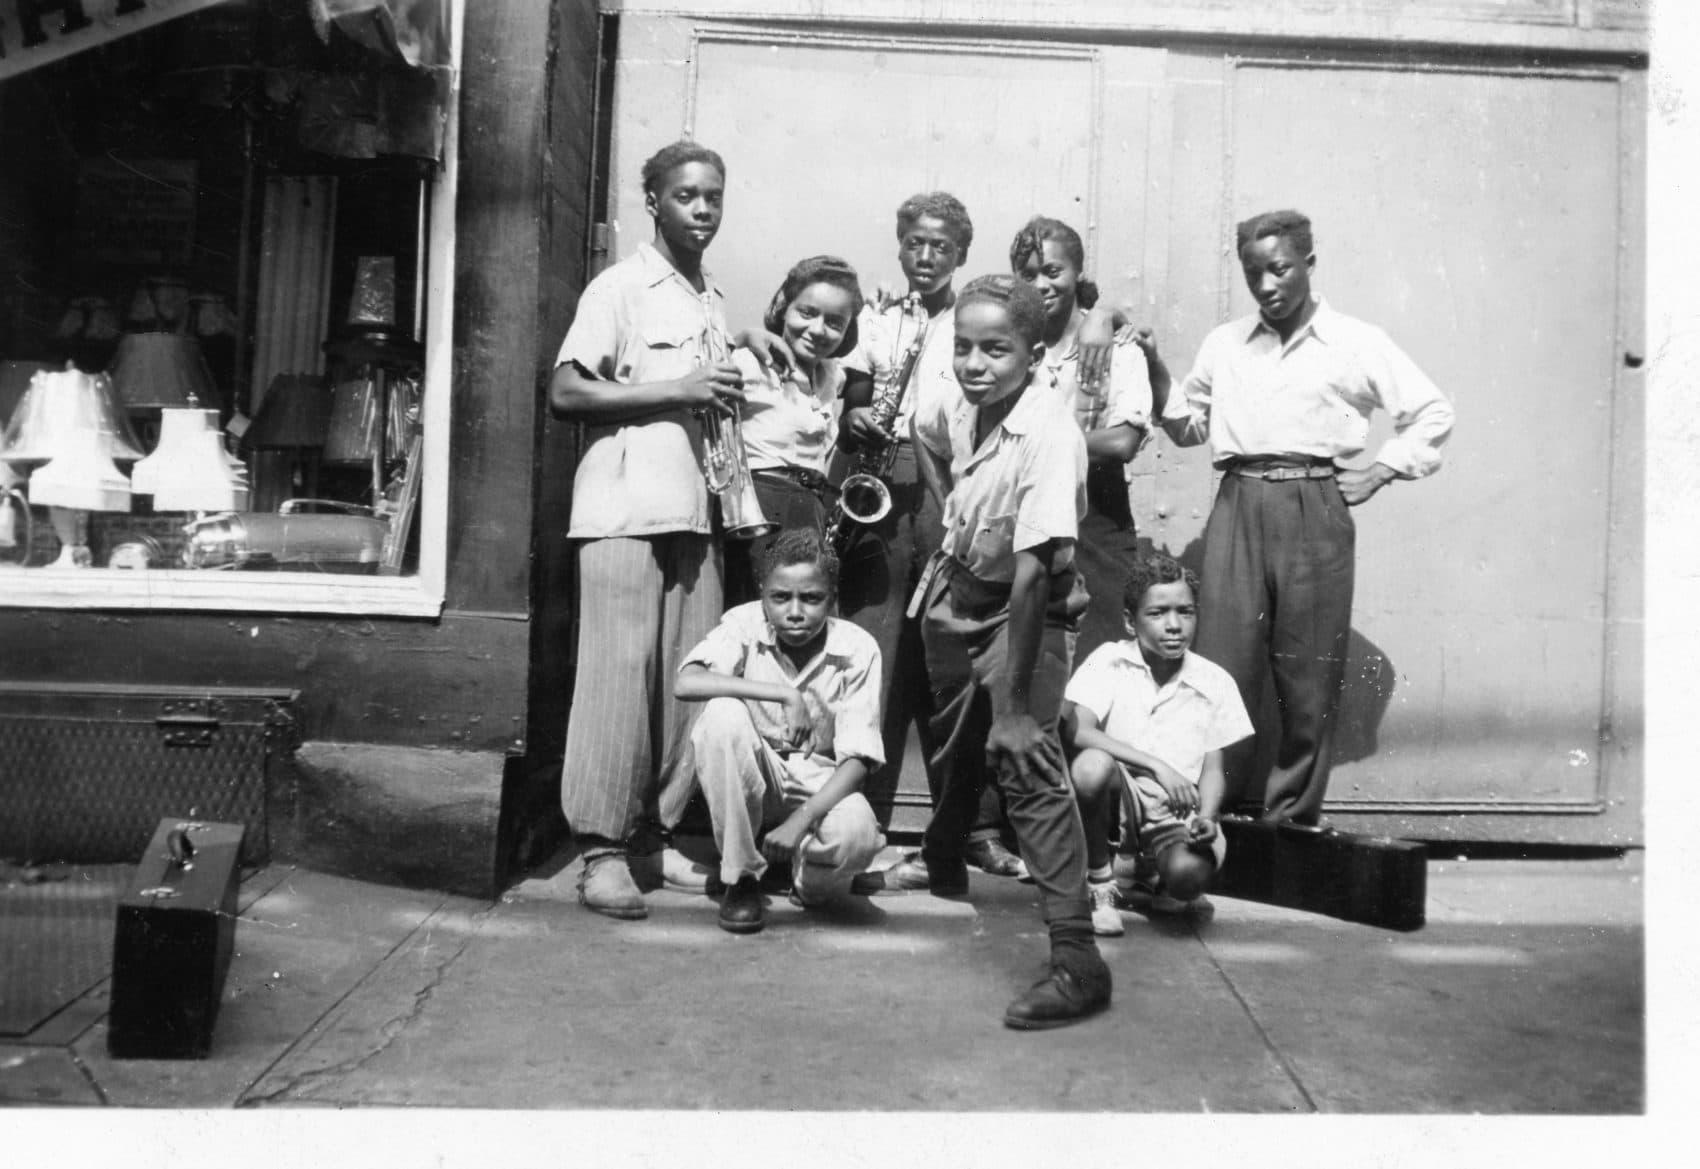 Black Photographers 1940s Portraits Capture Bright Side